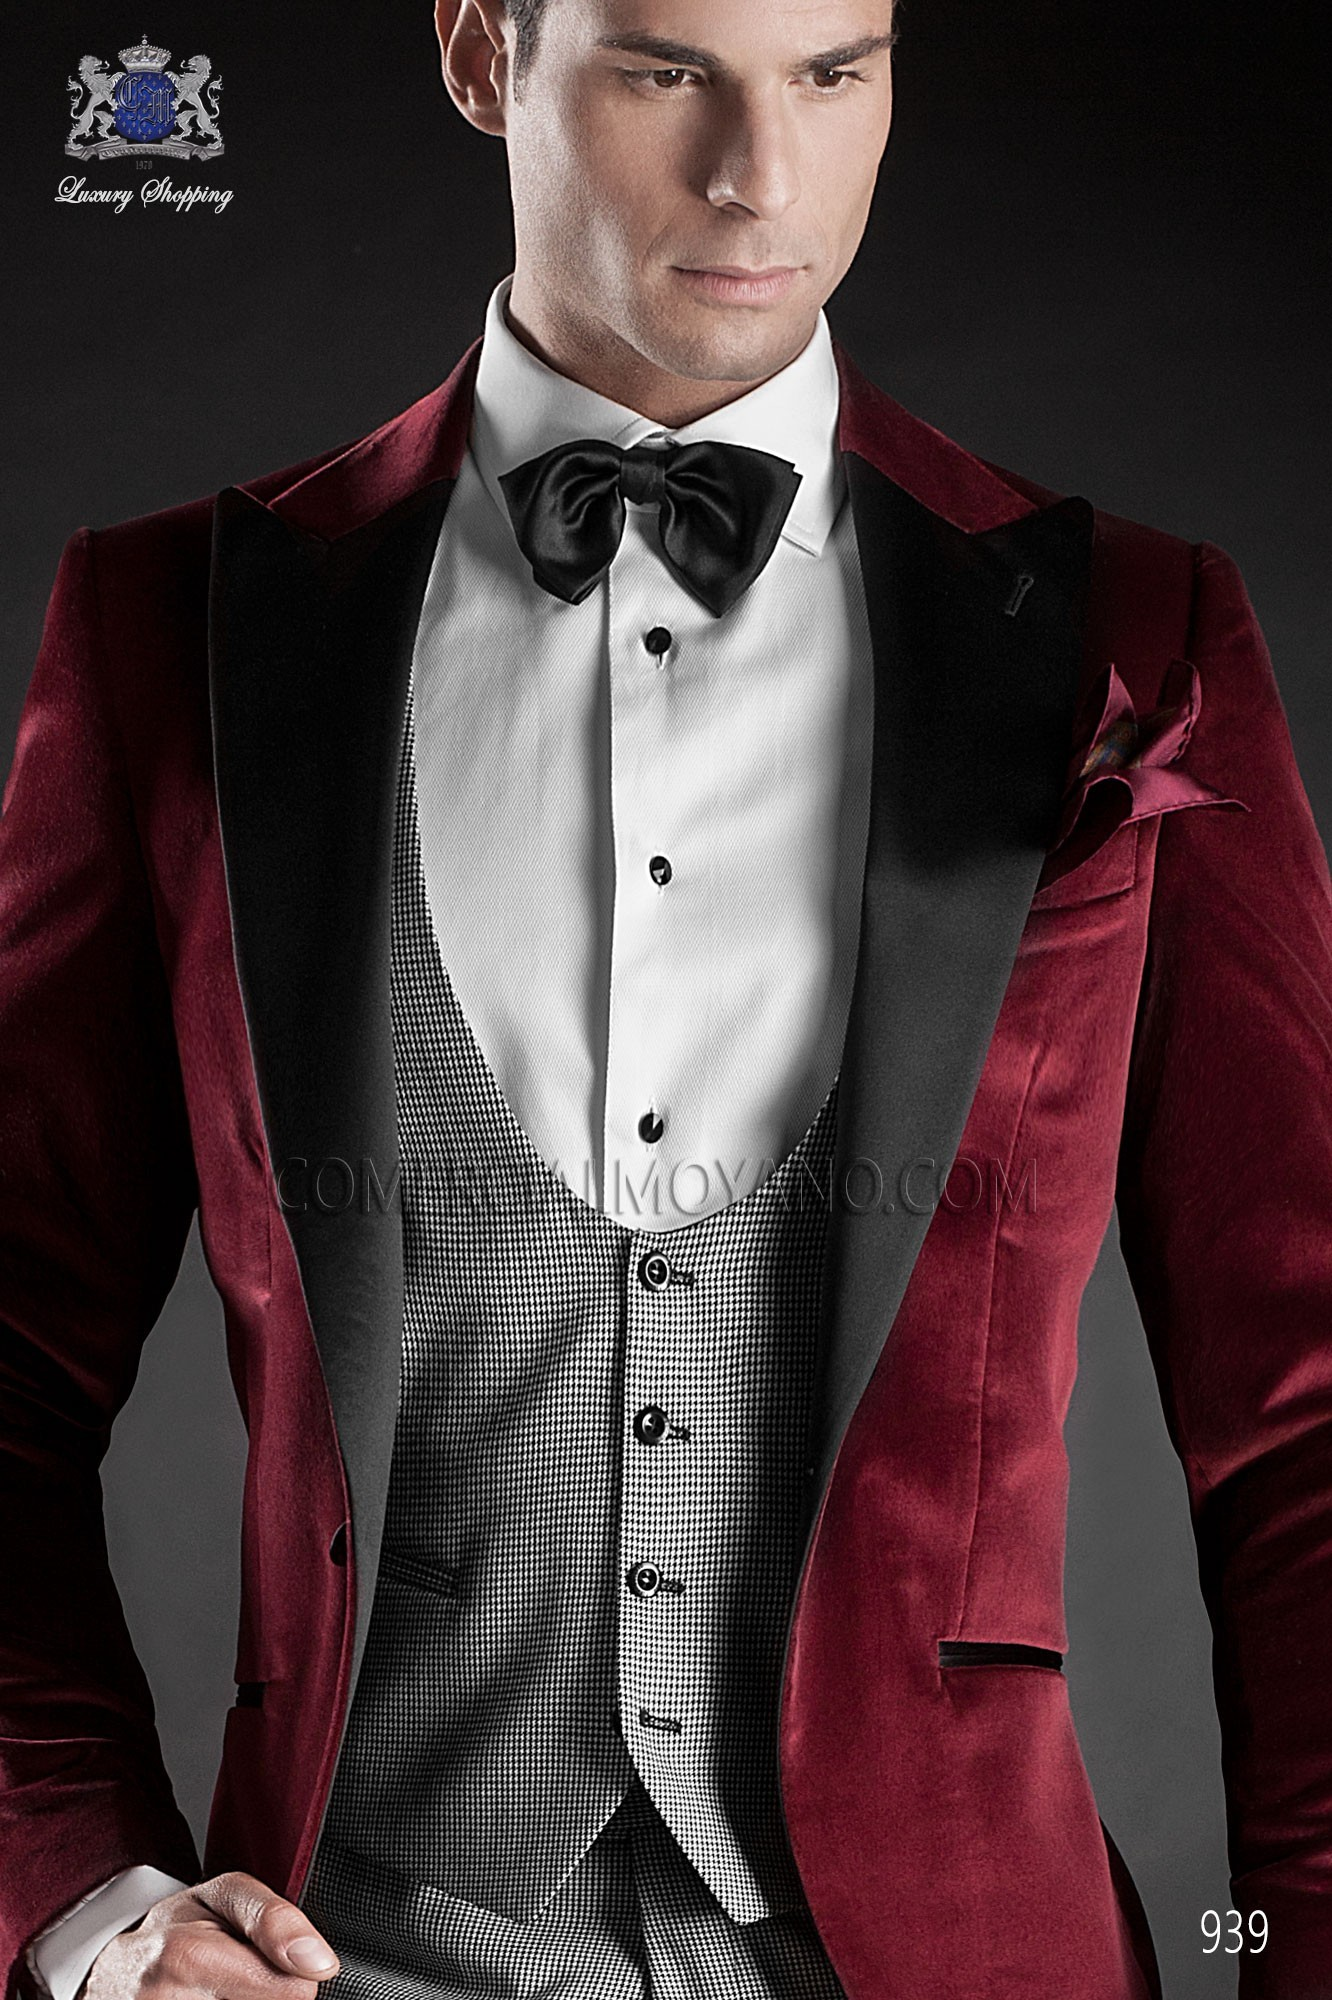 Italian blacktie red men wedding suit, model: 939 Ottavio Nuccio Gala Black Tie Collection